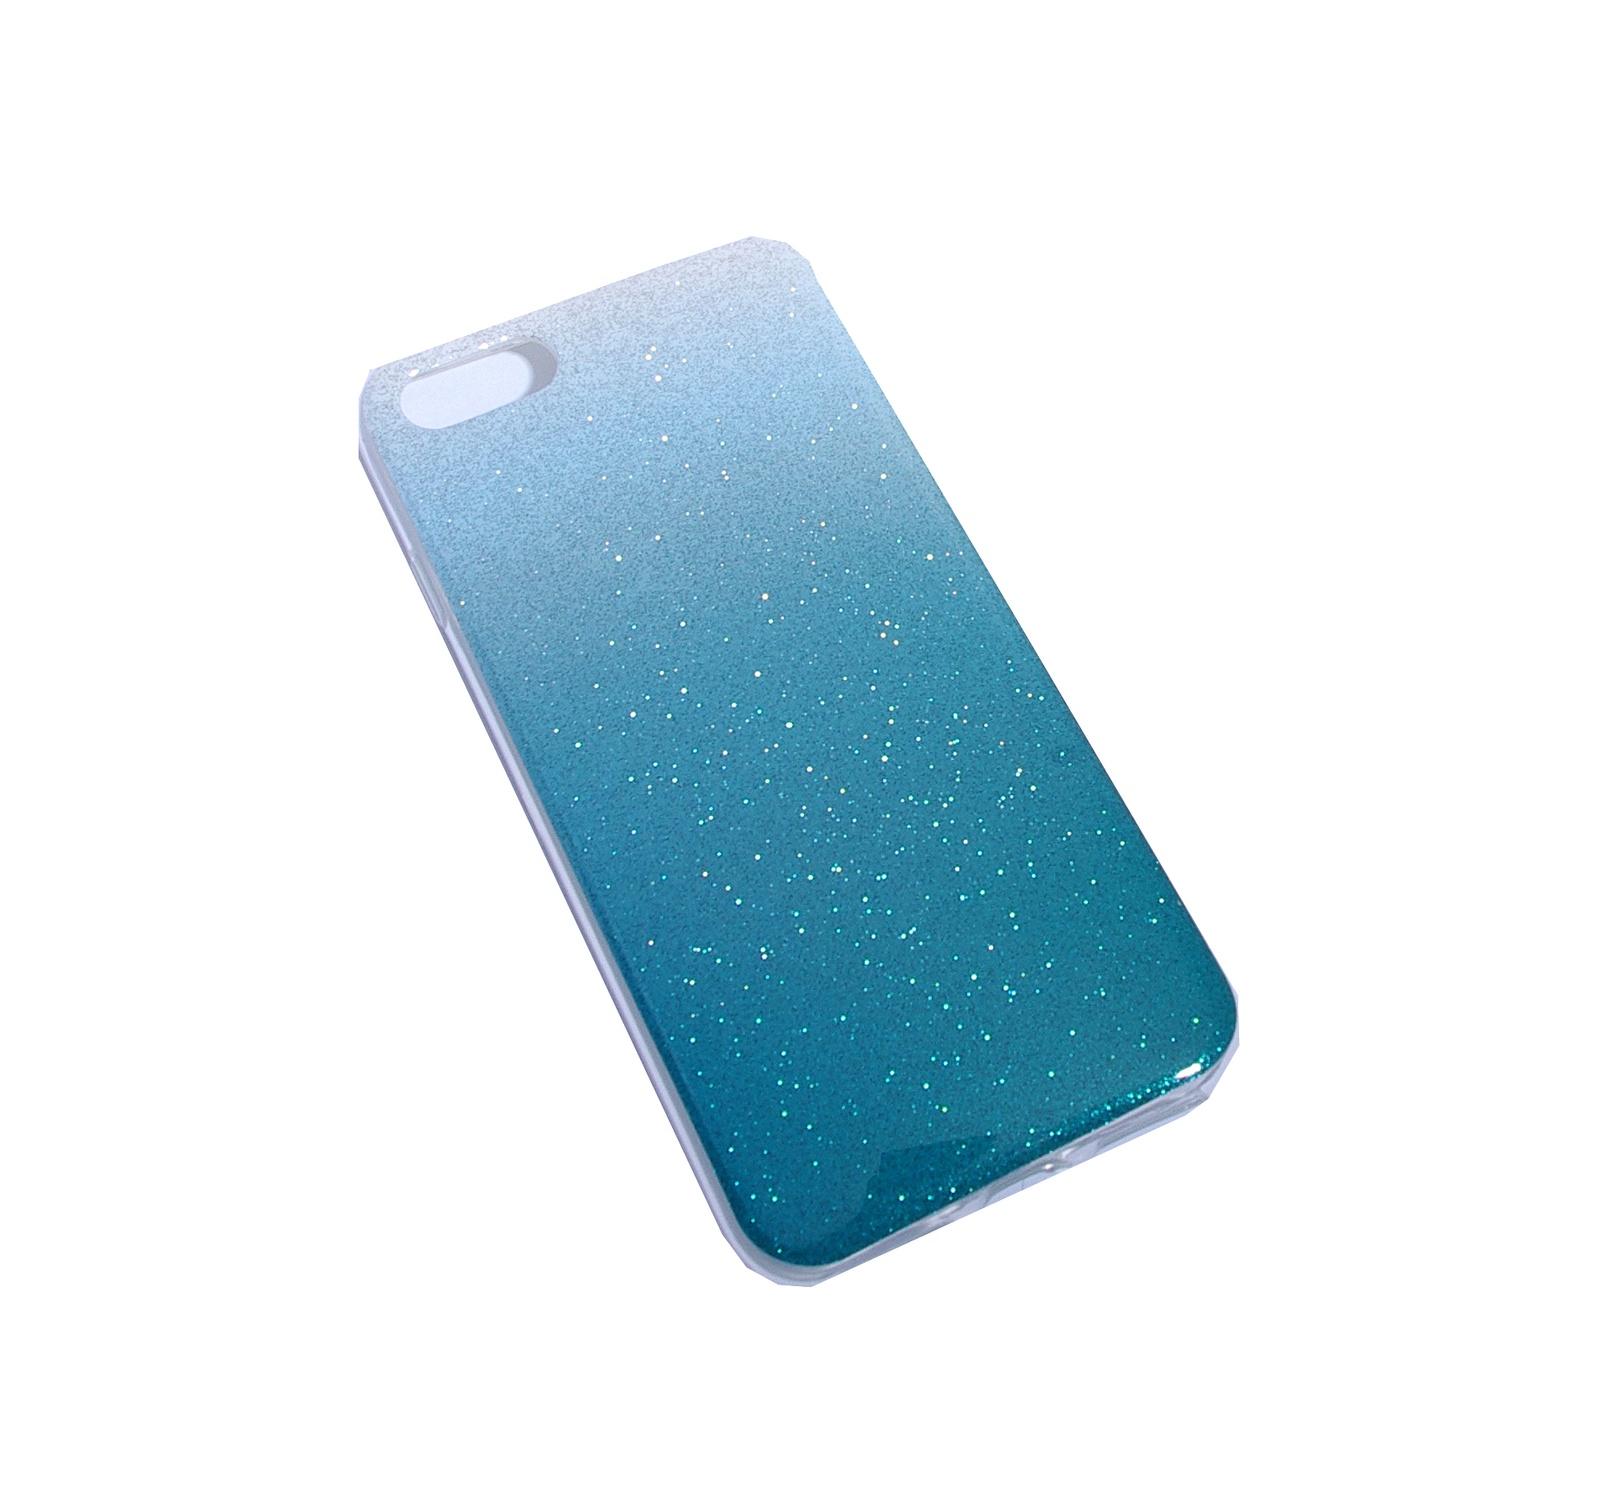 Чехол для сотового телефона HOT FASHION PC-6, 6655, бирюзовый